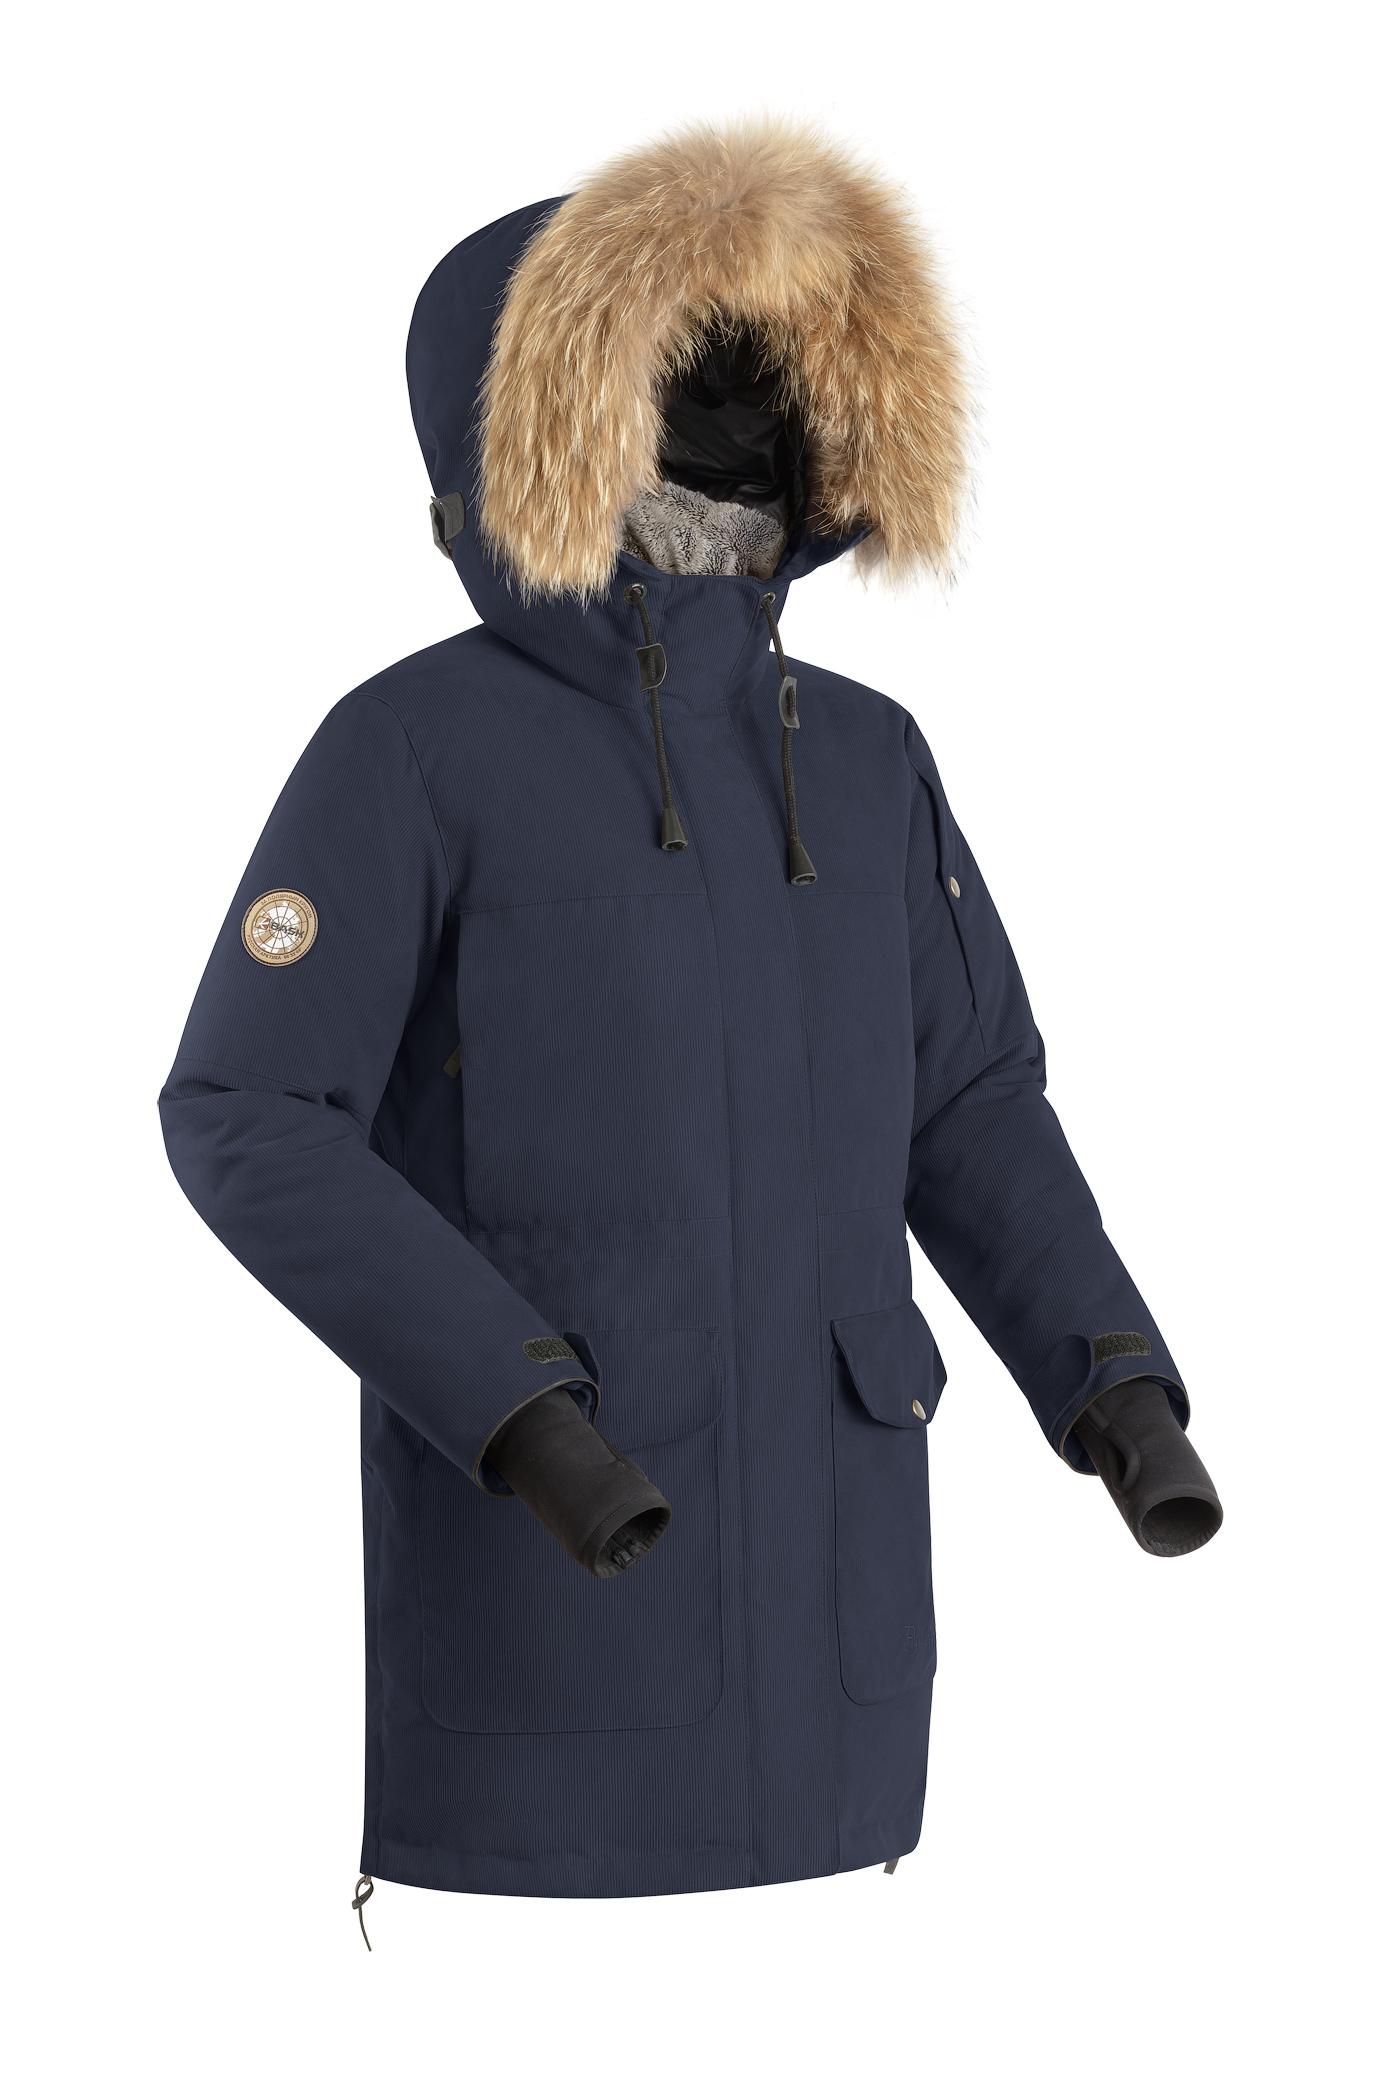 Купить Куртка пуховая женская BASK IREMEL V2 темно-синяя, Компания БАСК